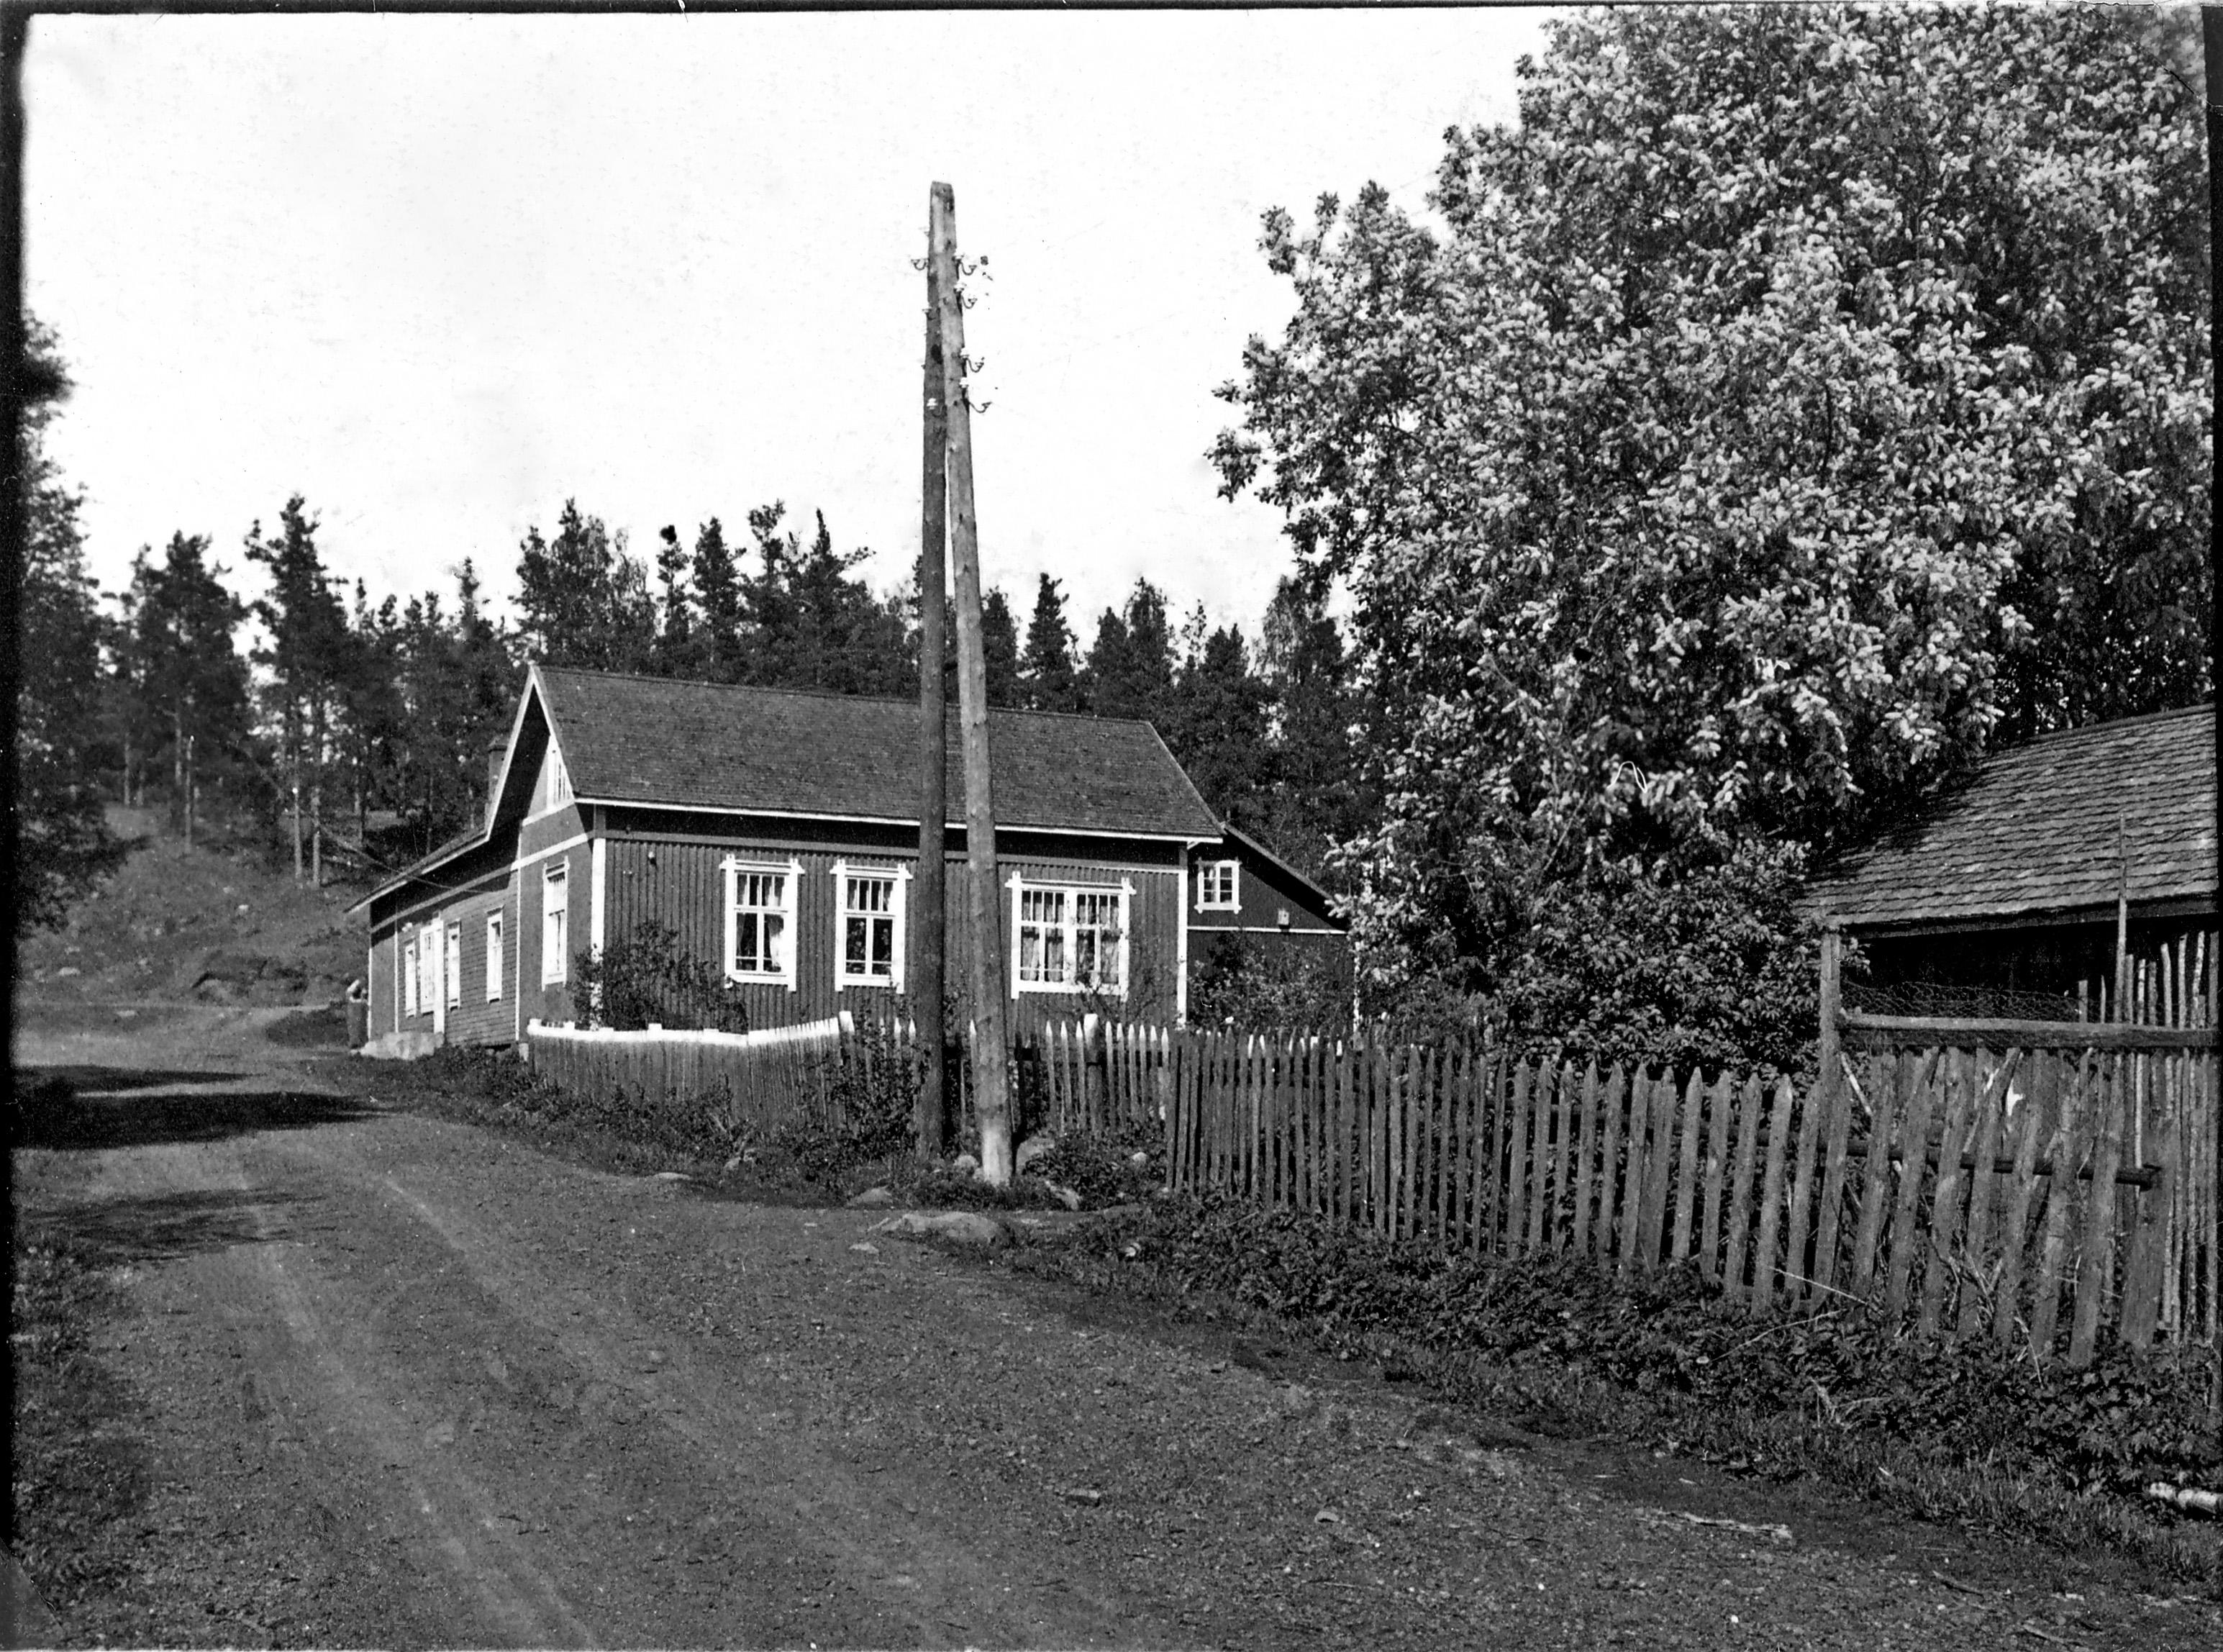 helmi13 - Vainikkalan vanha kauppa